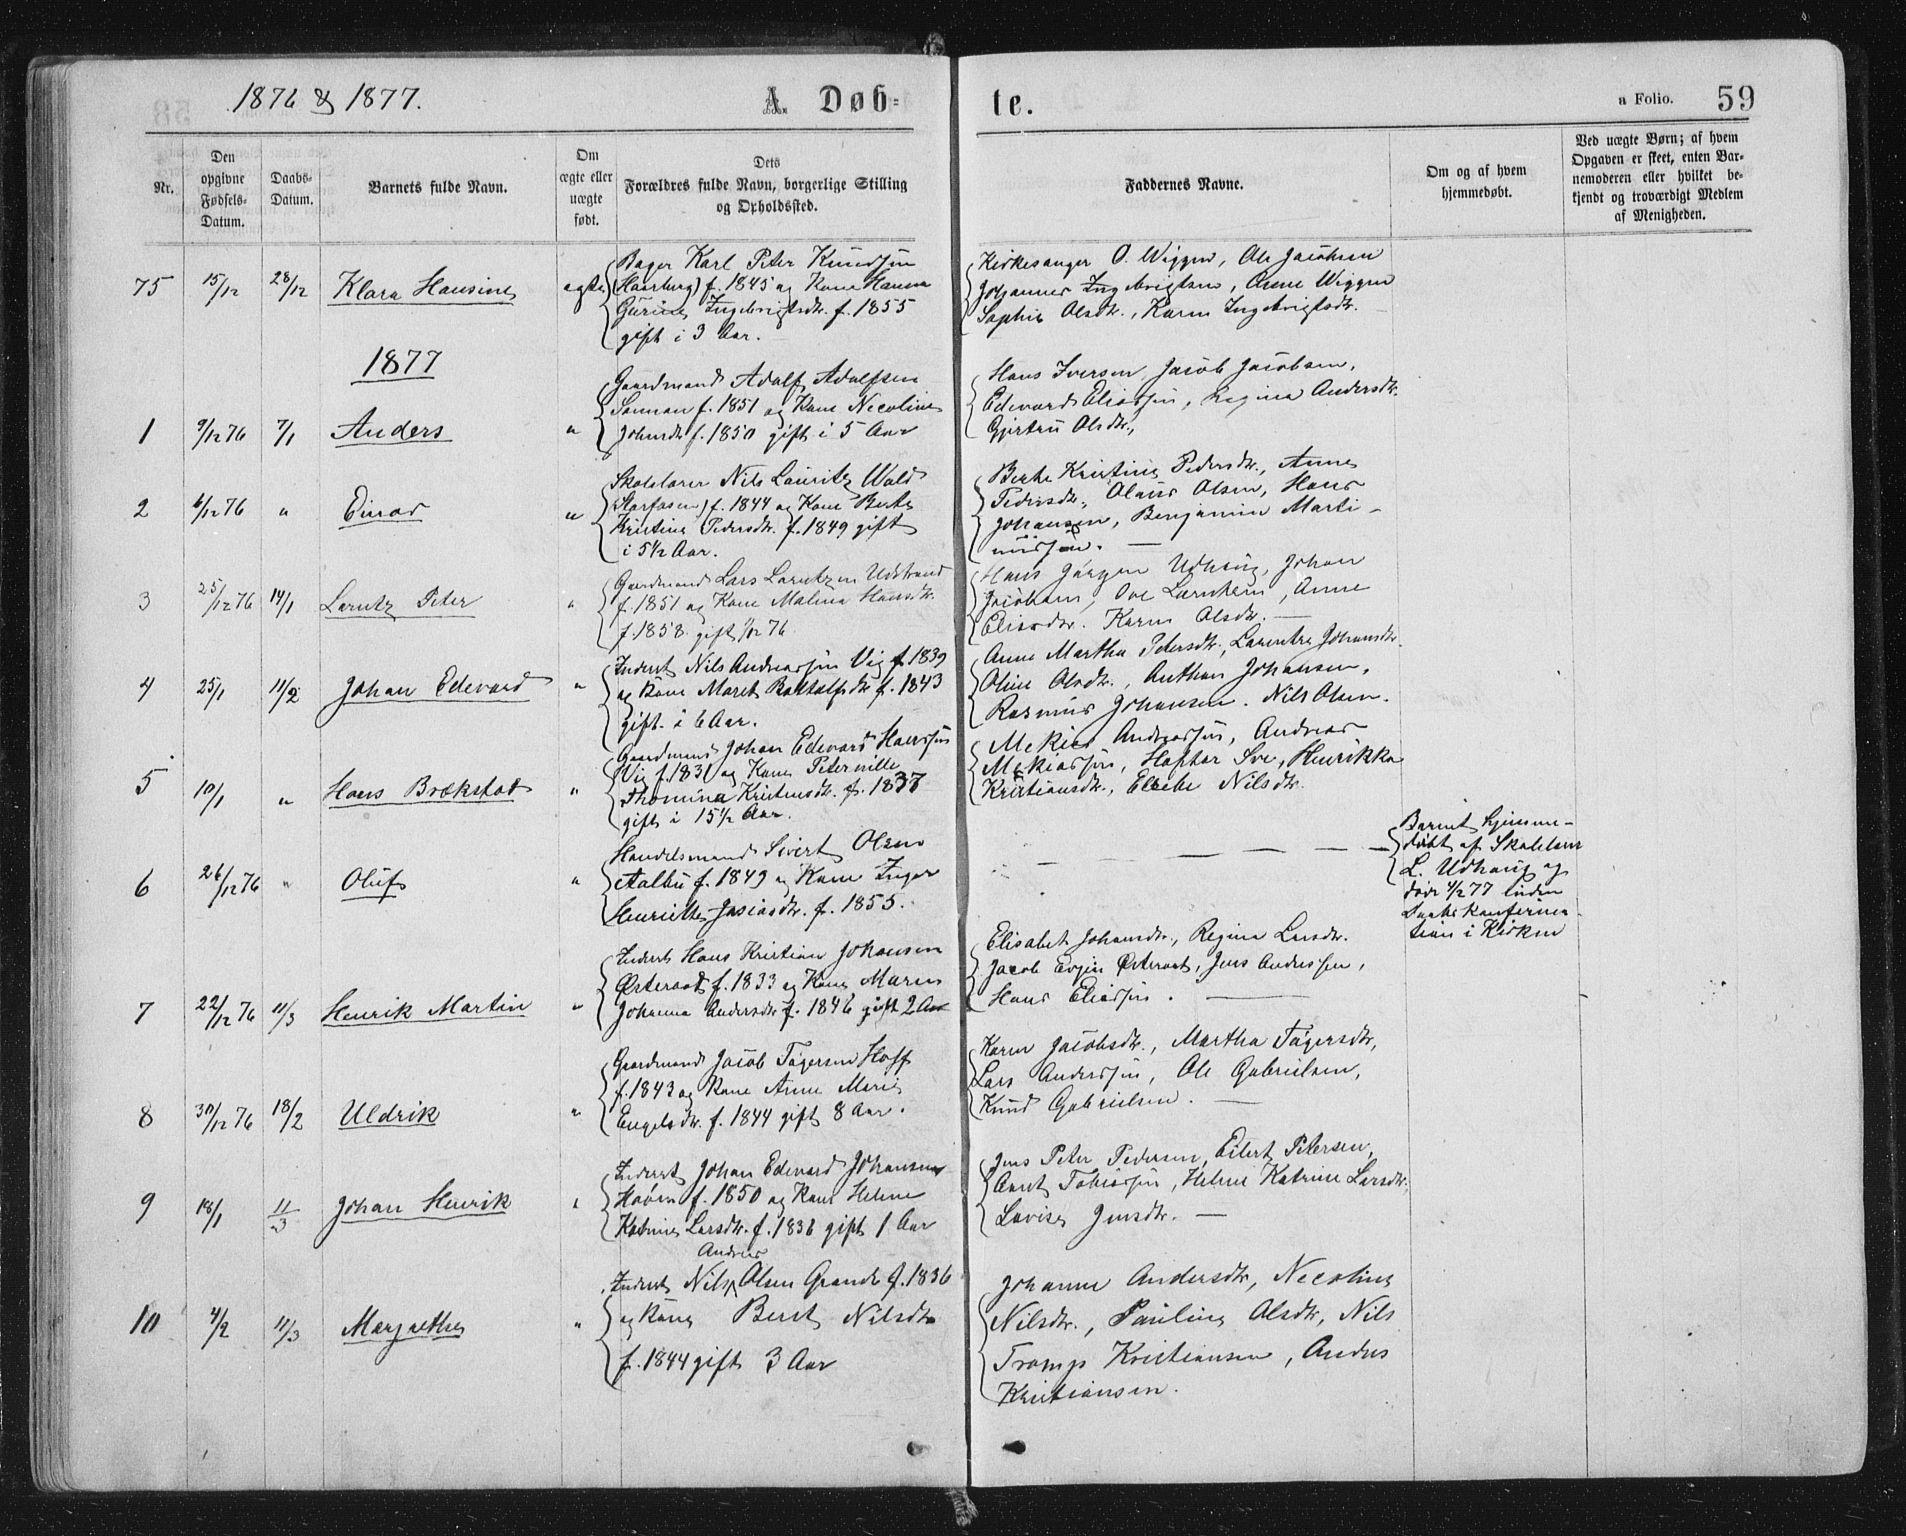 SAT, Ministerialprotokoller, klokkerbøker og fødselsregistre - Sør-Trøndelag, 659/L0745: Klokkerbok nr. 659C02, 1869-1892, s. 59